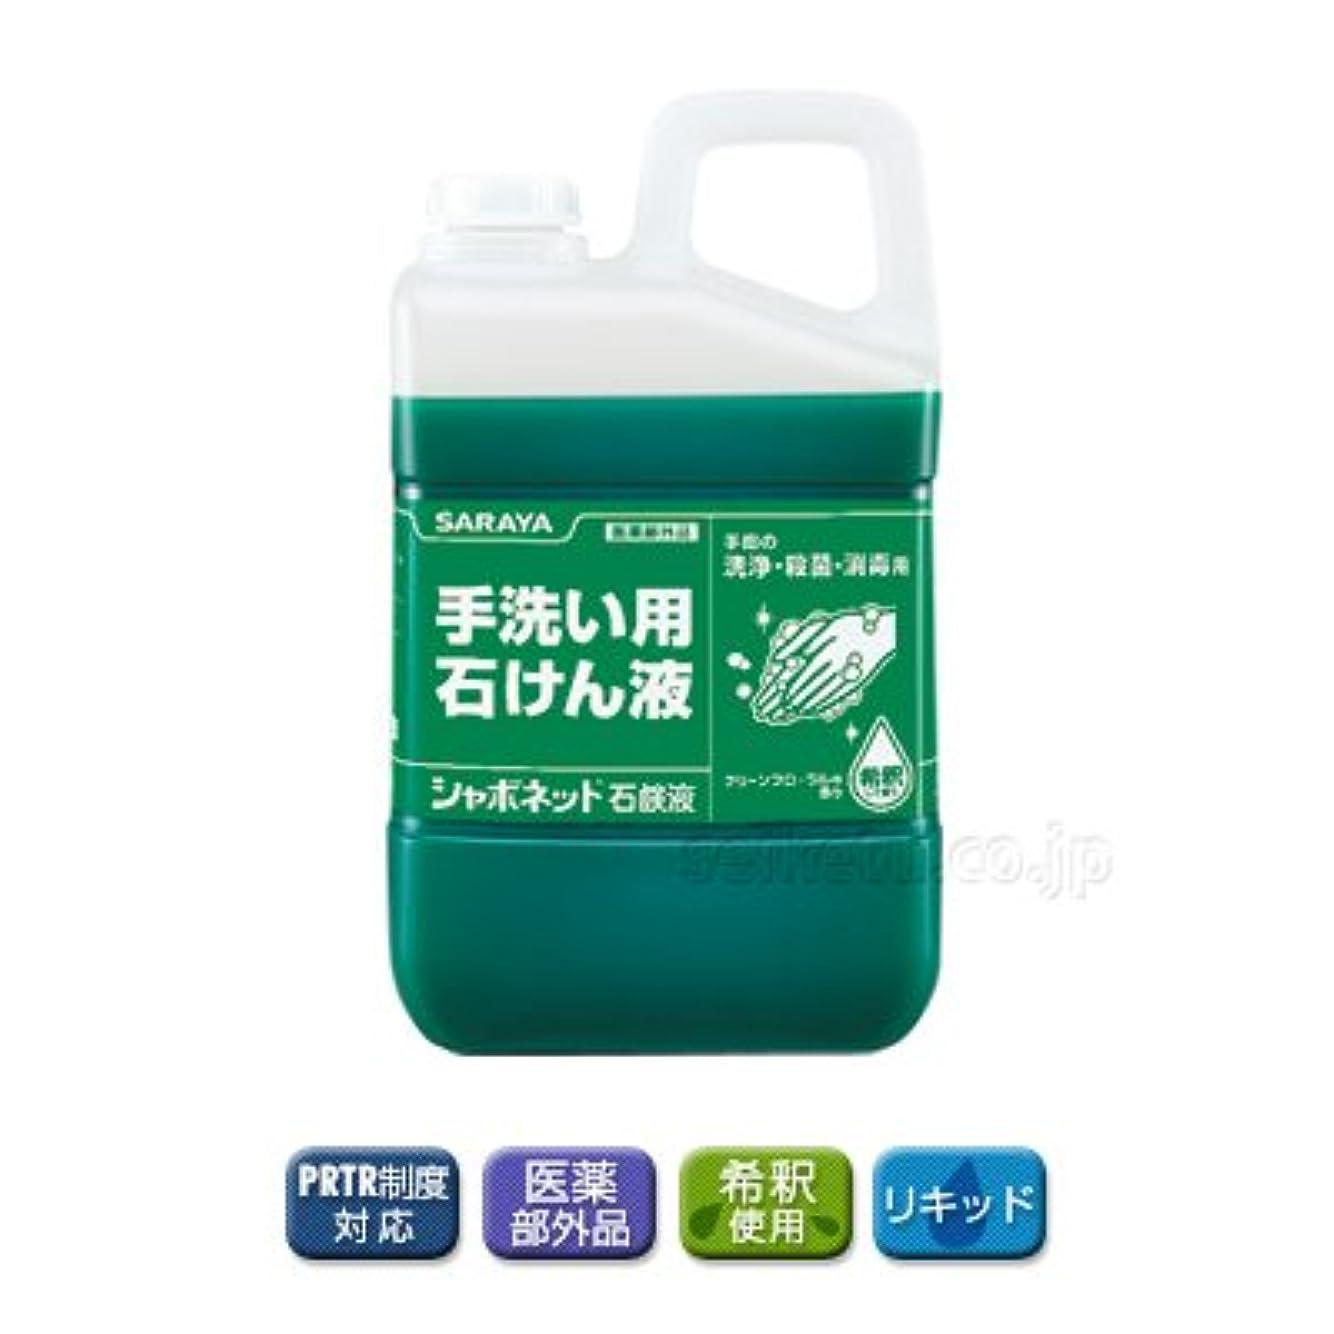 底信念である【清潔キレイ館】サラヤ シャボネット石鹸液(3kg)